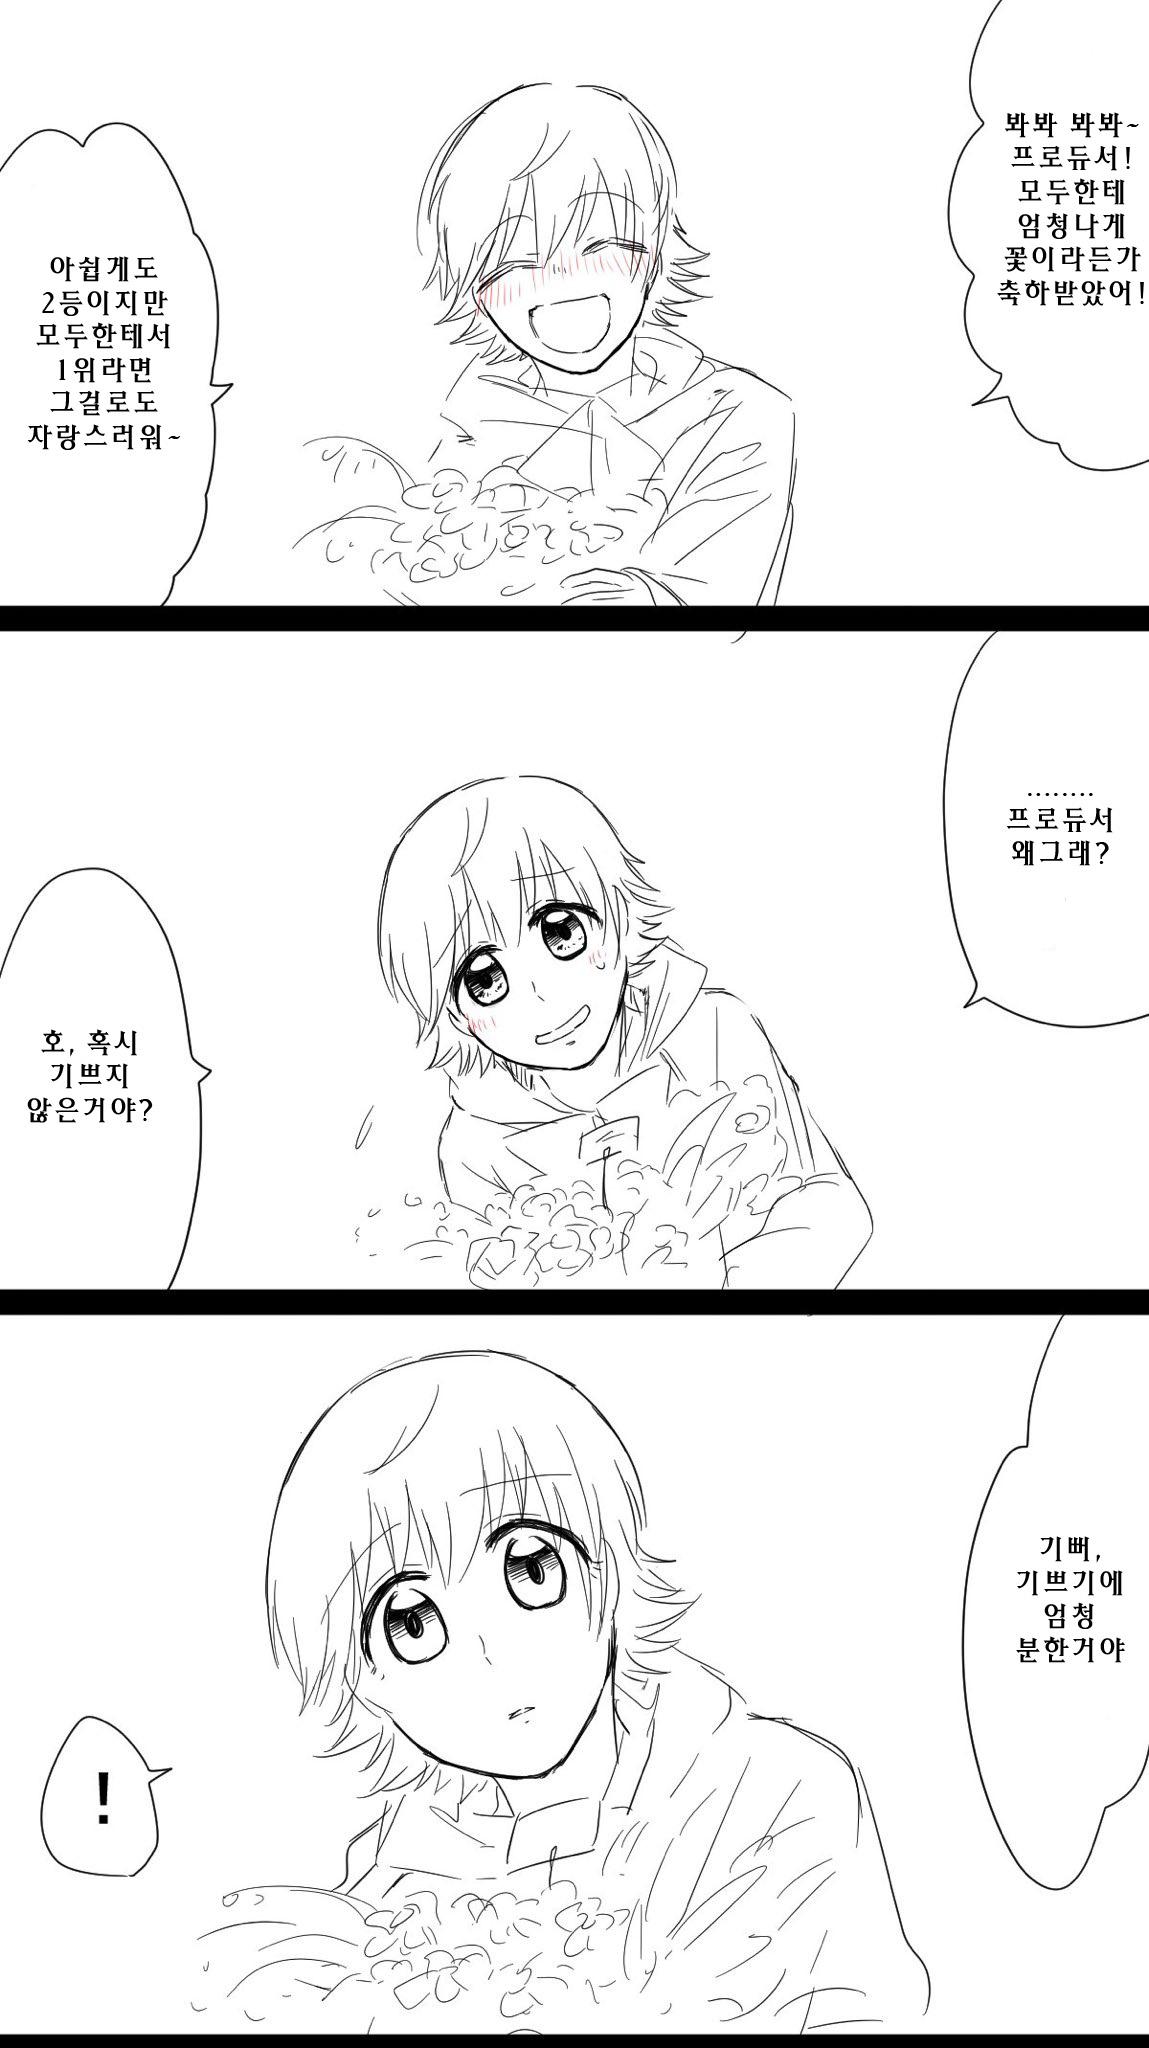 [신데]미오 생일 만화